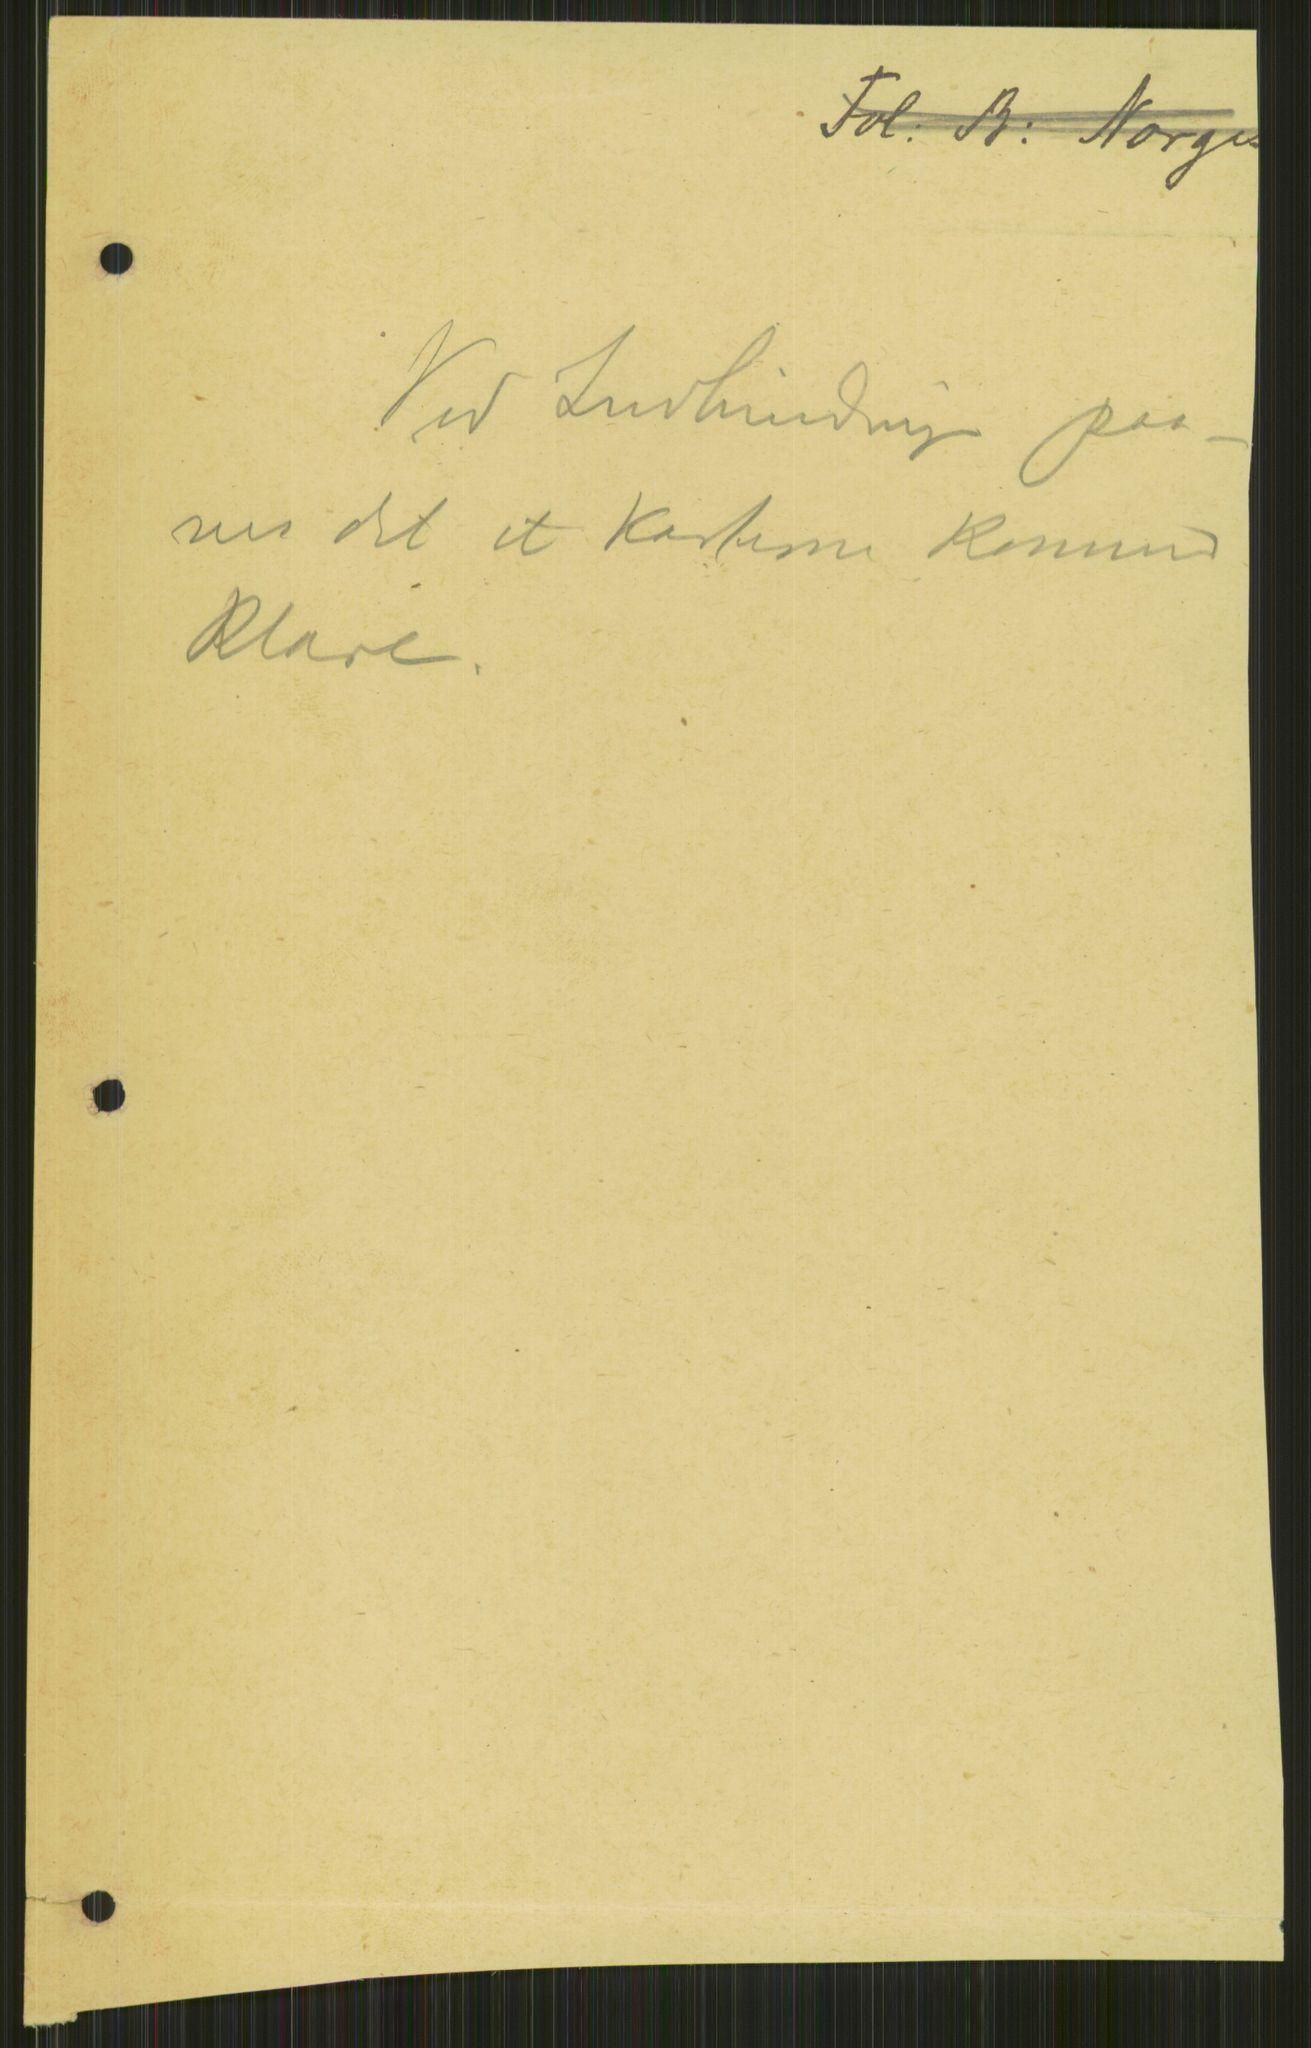 RA, Utenriksstasjonene, Legasjonen i St. Petersburg, Russland, D/Da/L0013: --, 1907-1918, s. 2